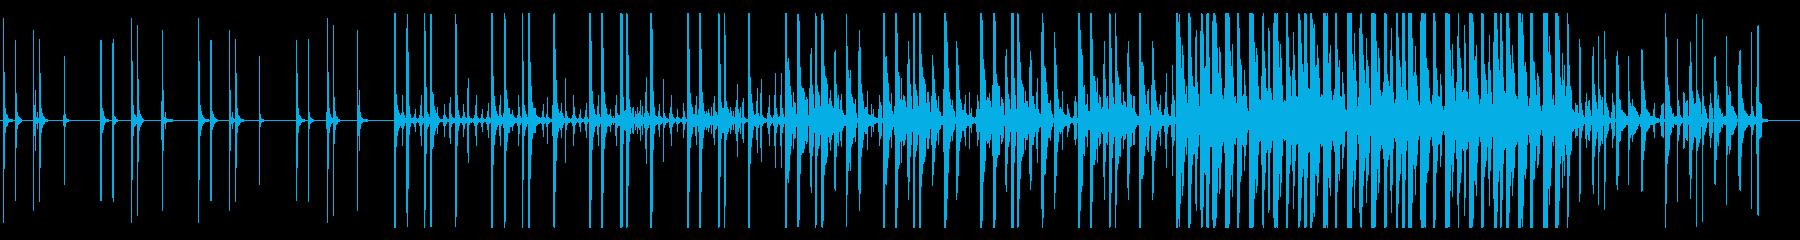 KANTハンズクラップジングル1の再生済みの波形